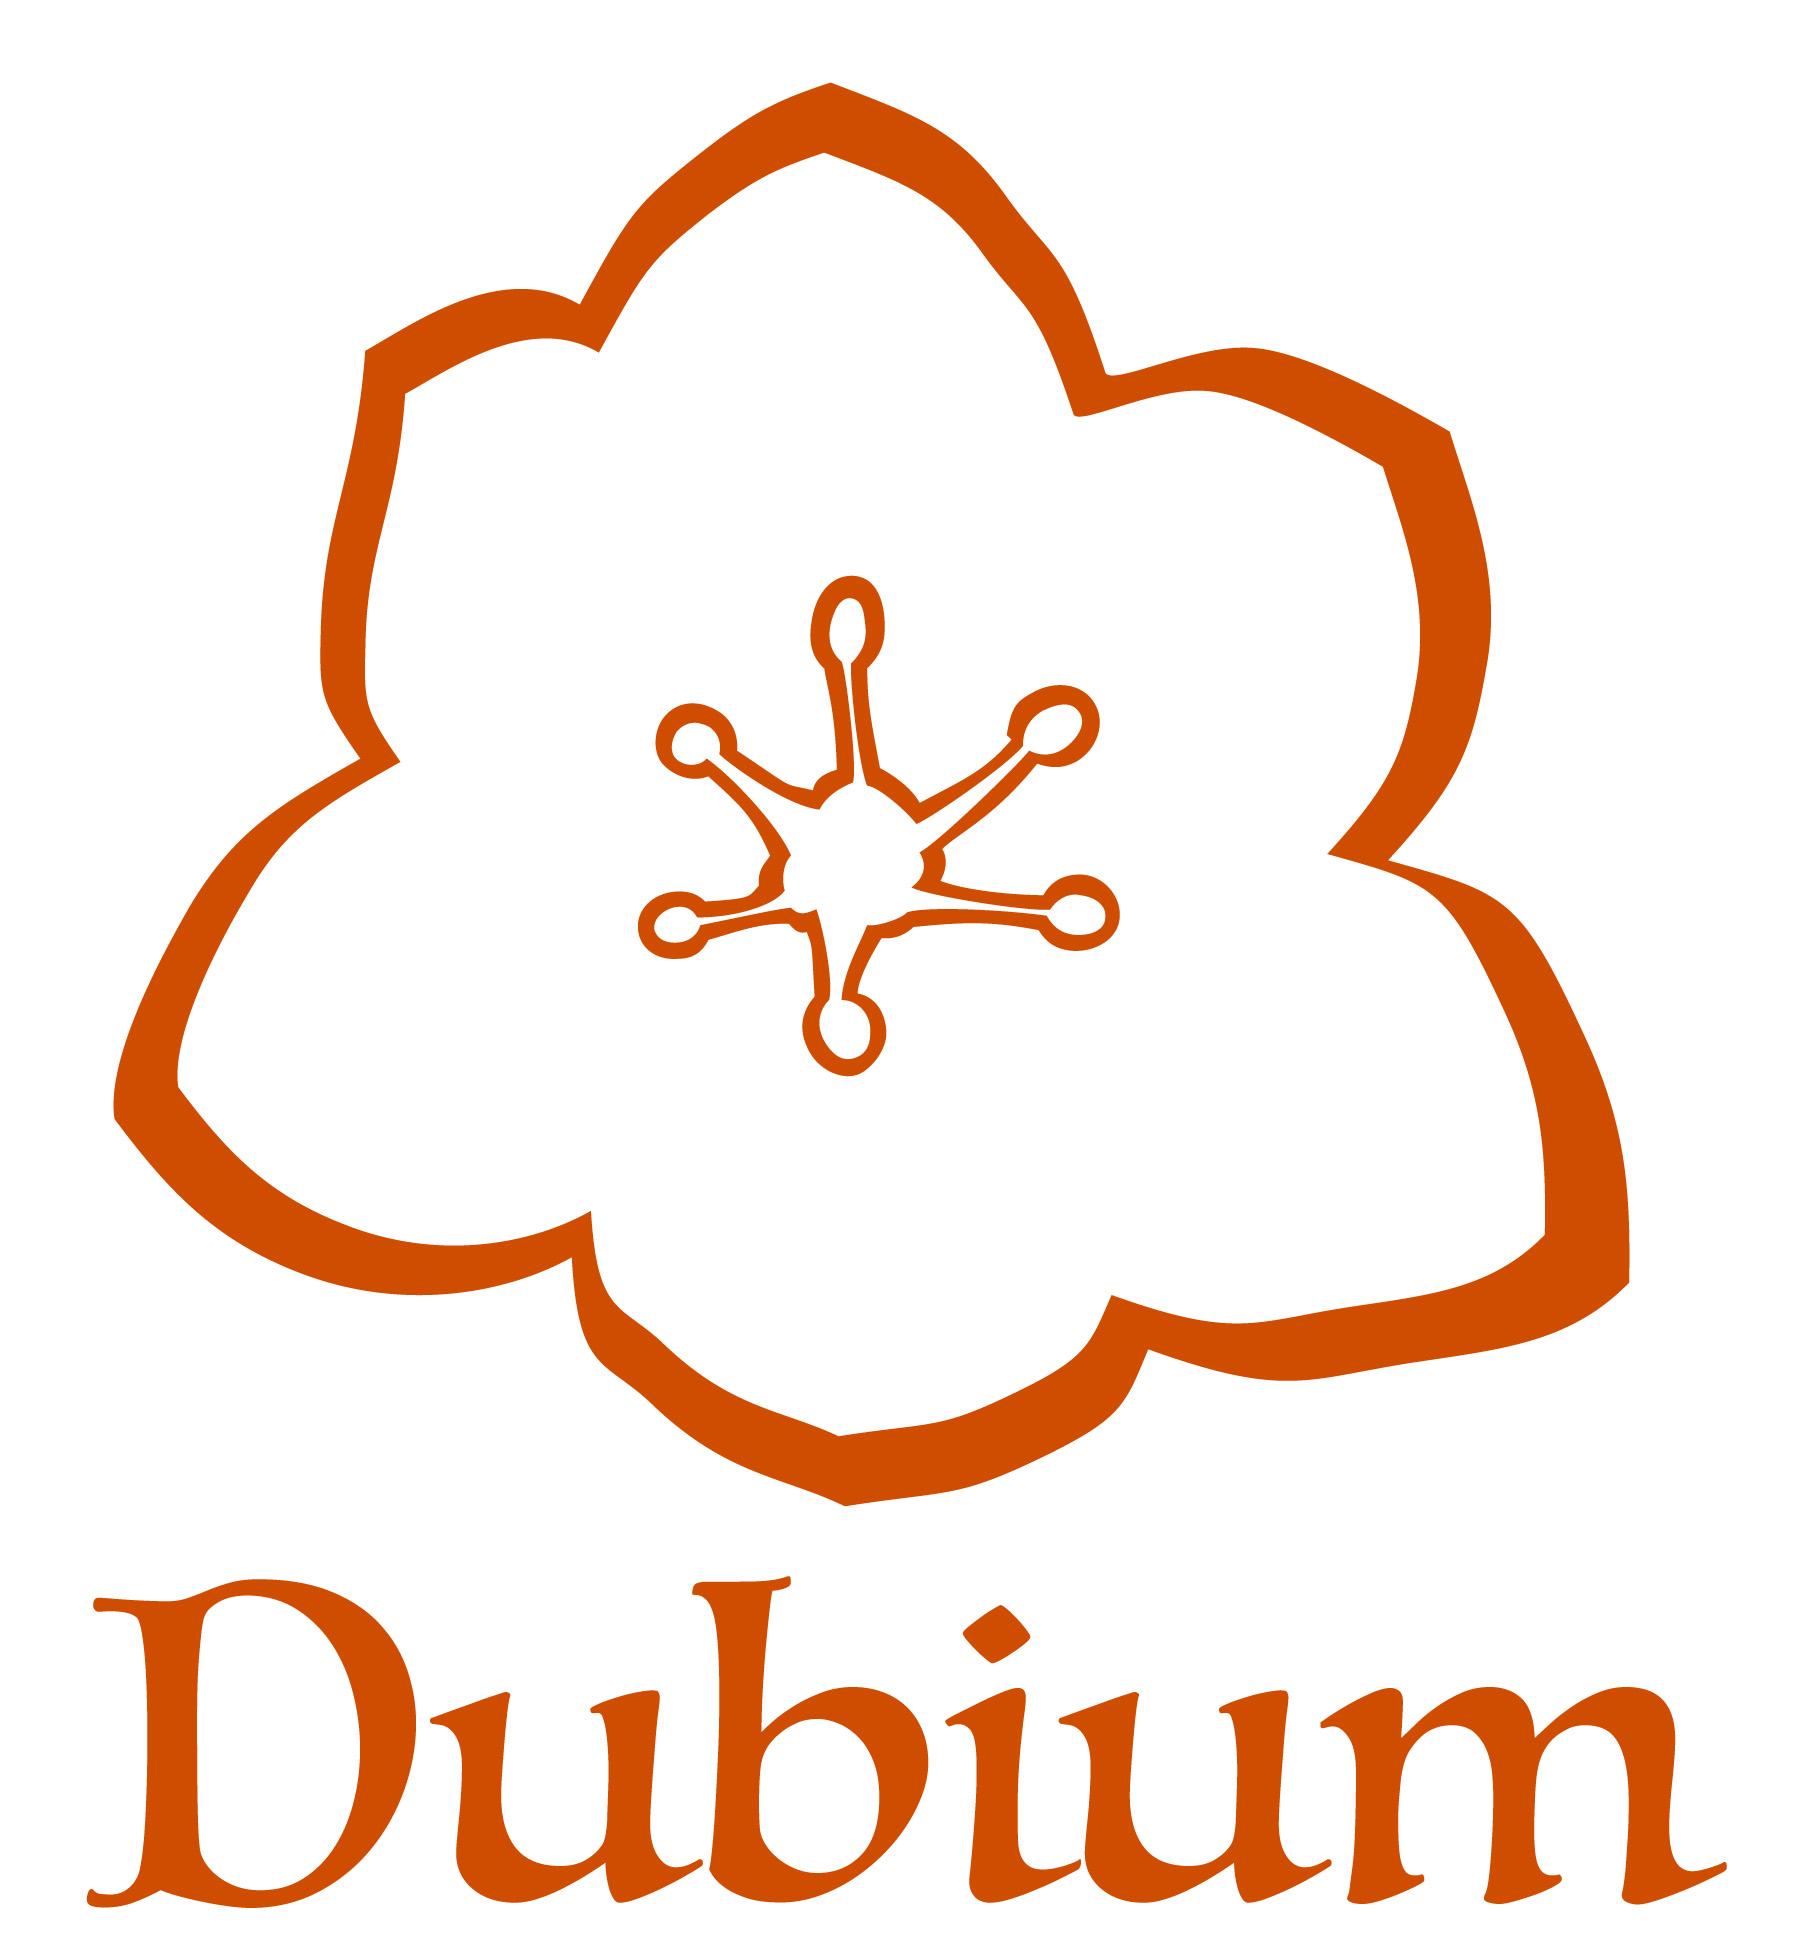 Dubium 4